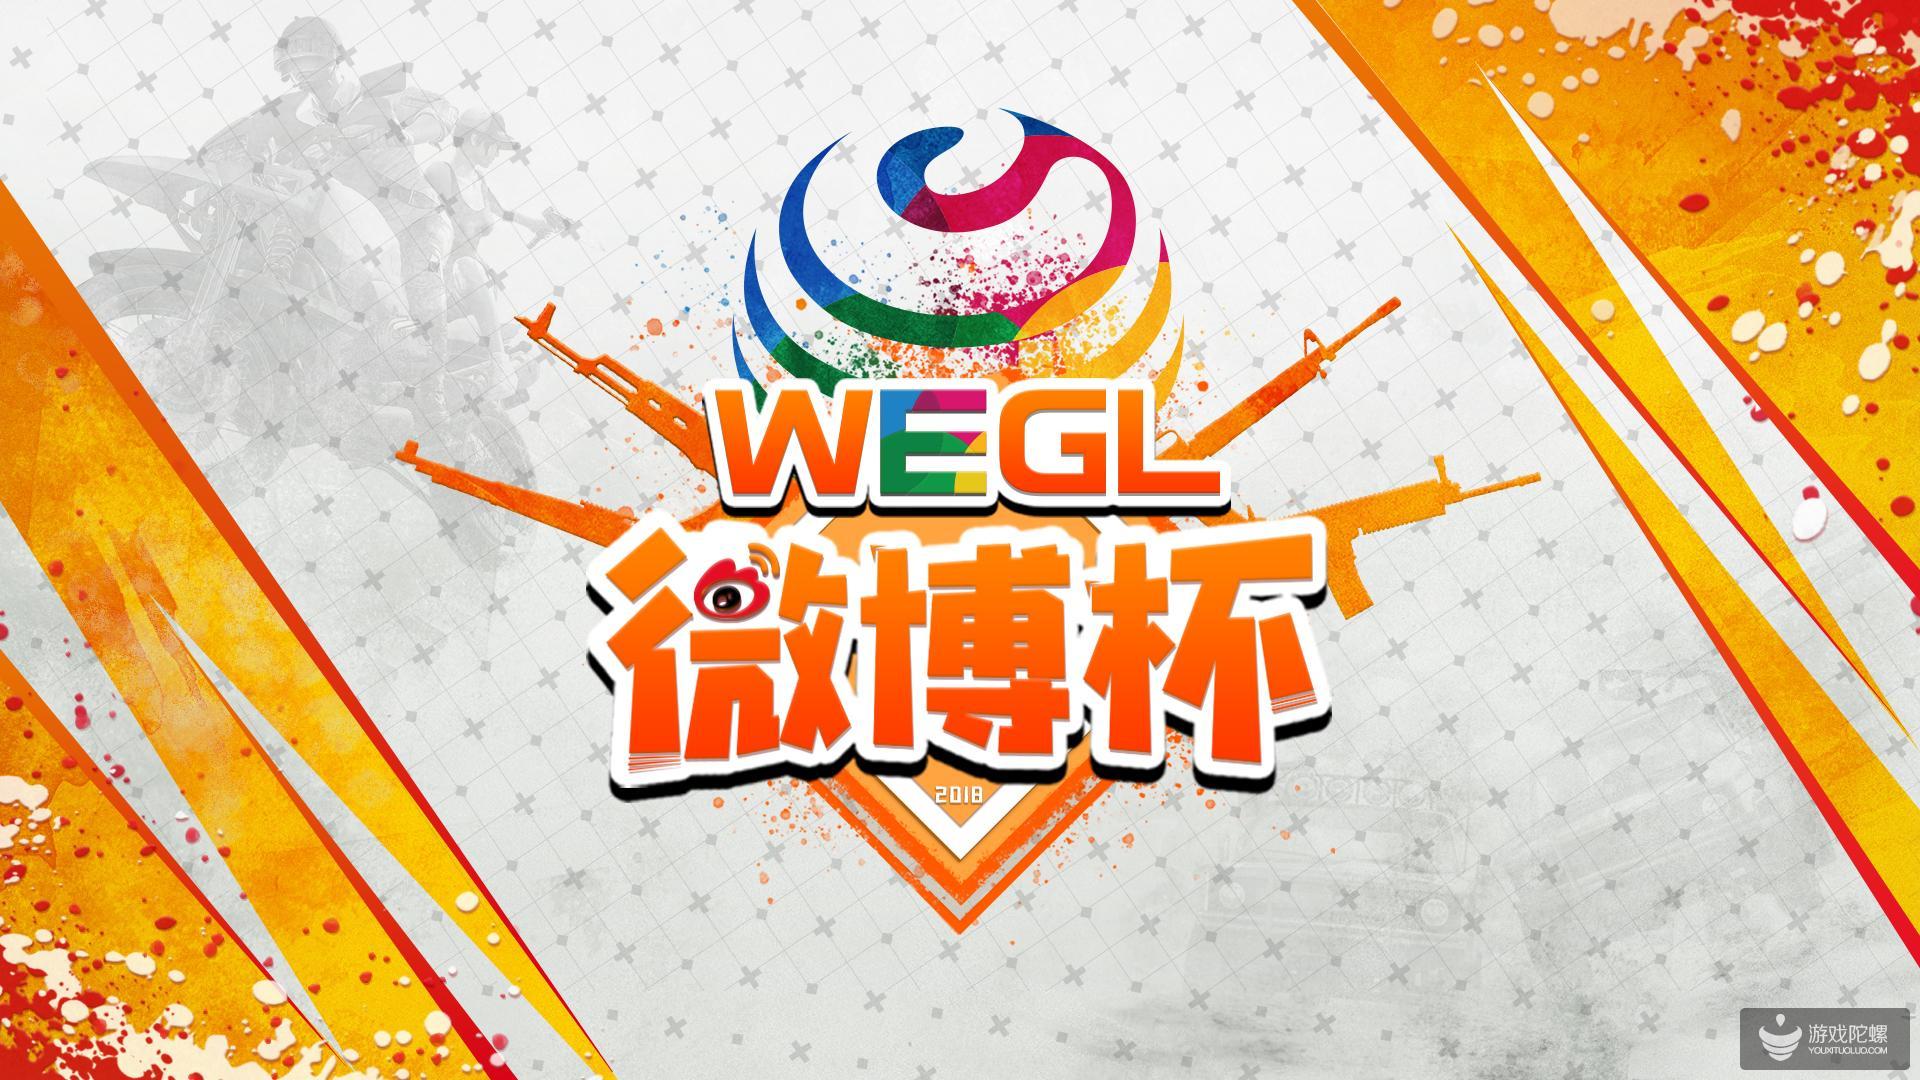 WEGL微博杯赛事规则公布